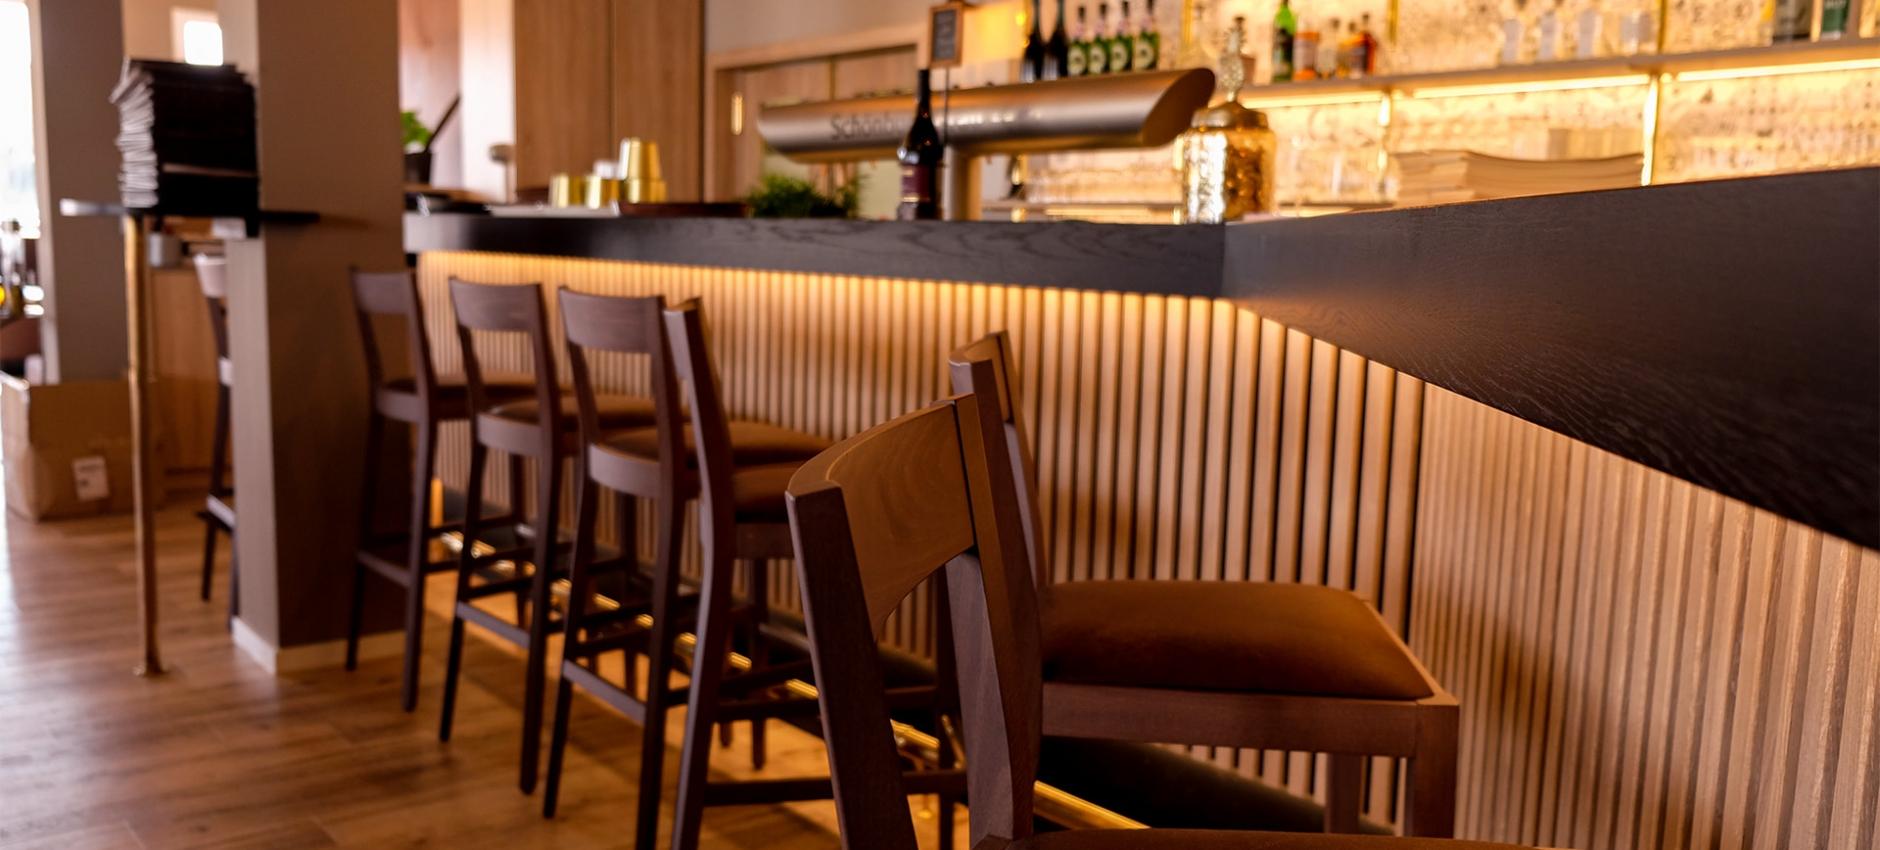 referenzen_boeblingen-restaurant_05.jpg